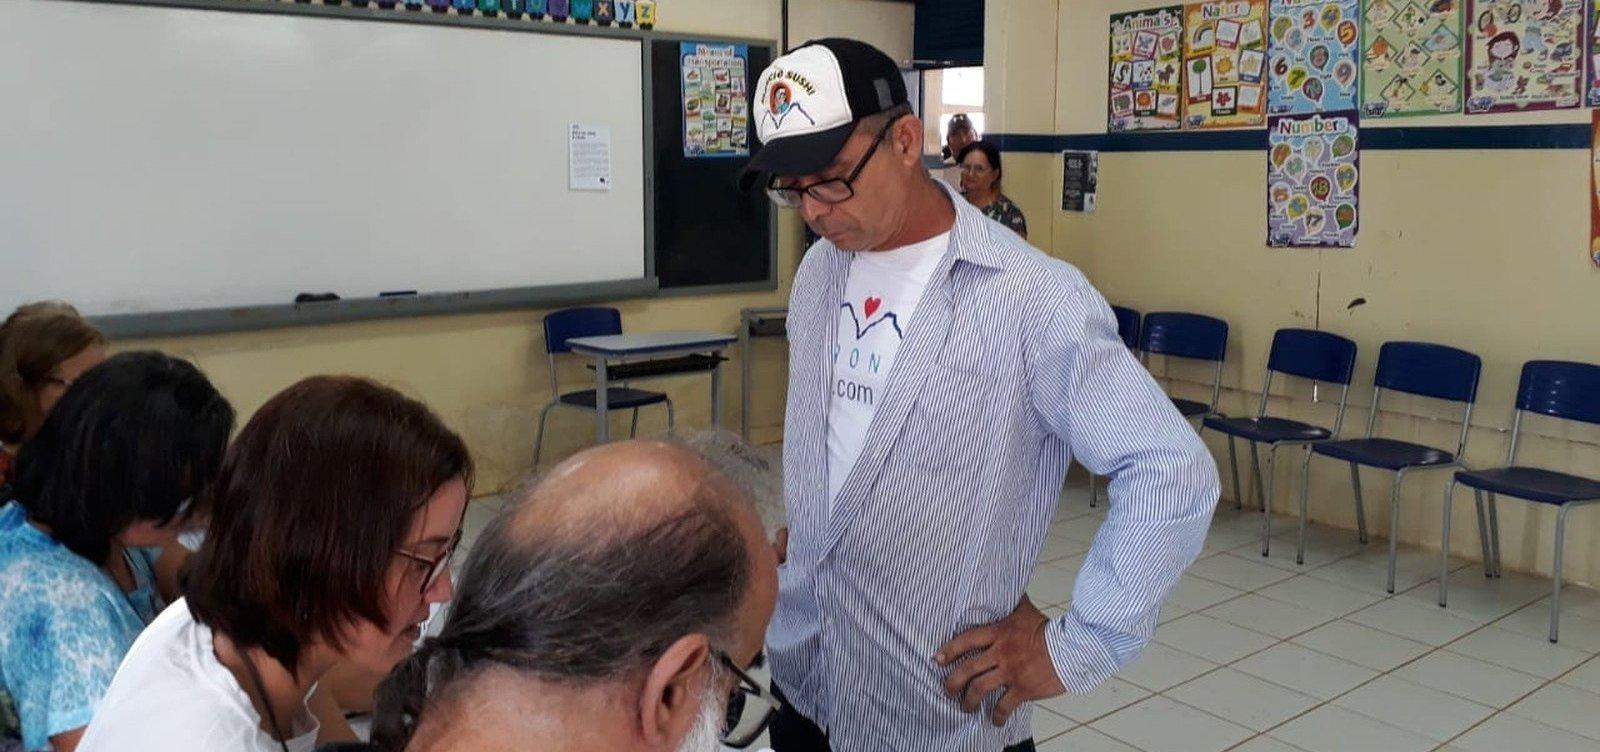 [Primeiro eleitor do país votou em Fernando de Noronha]